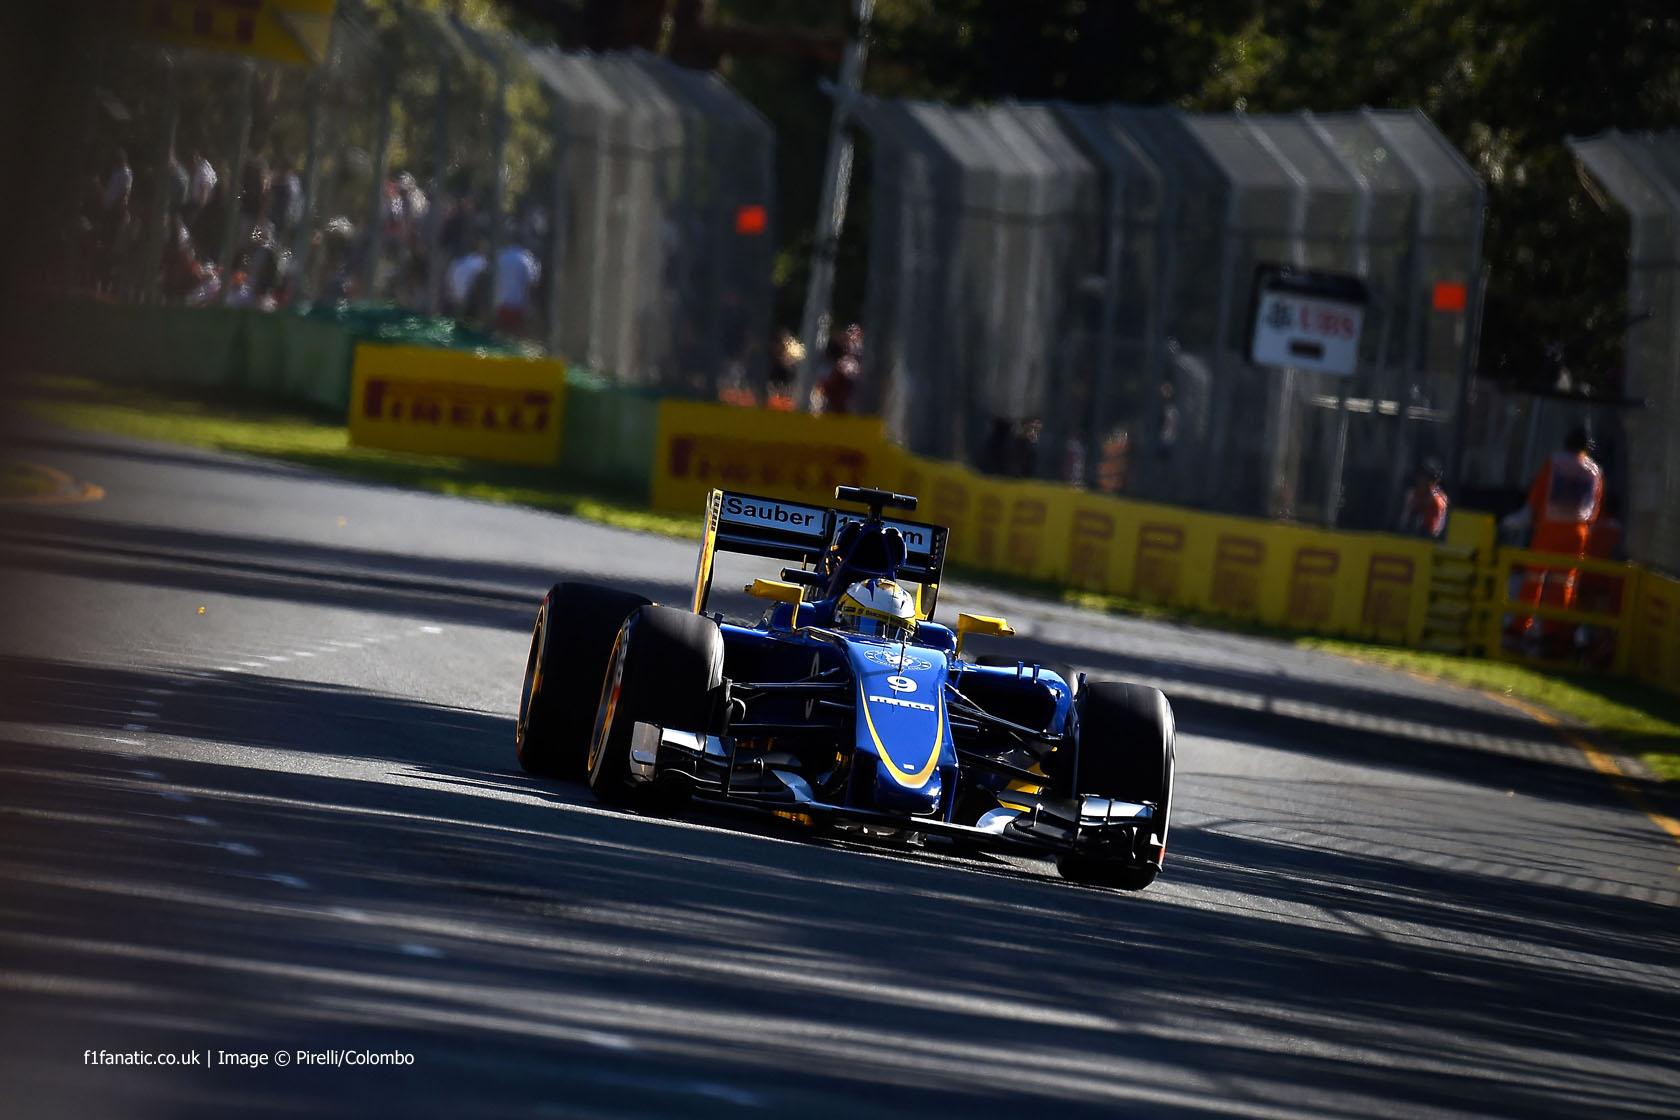 Marcus Ericsson, Sauber, Albert Park, 2015